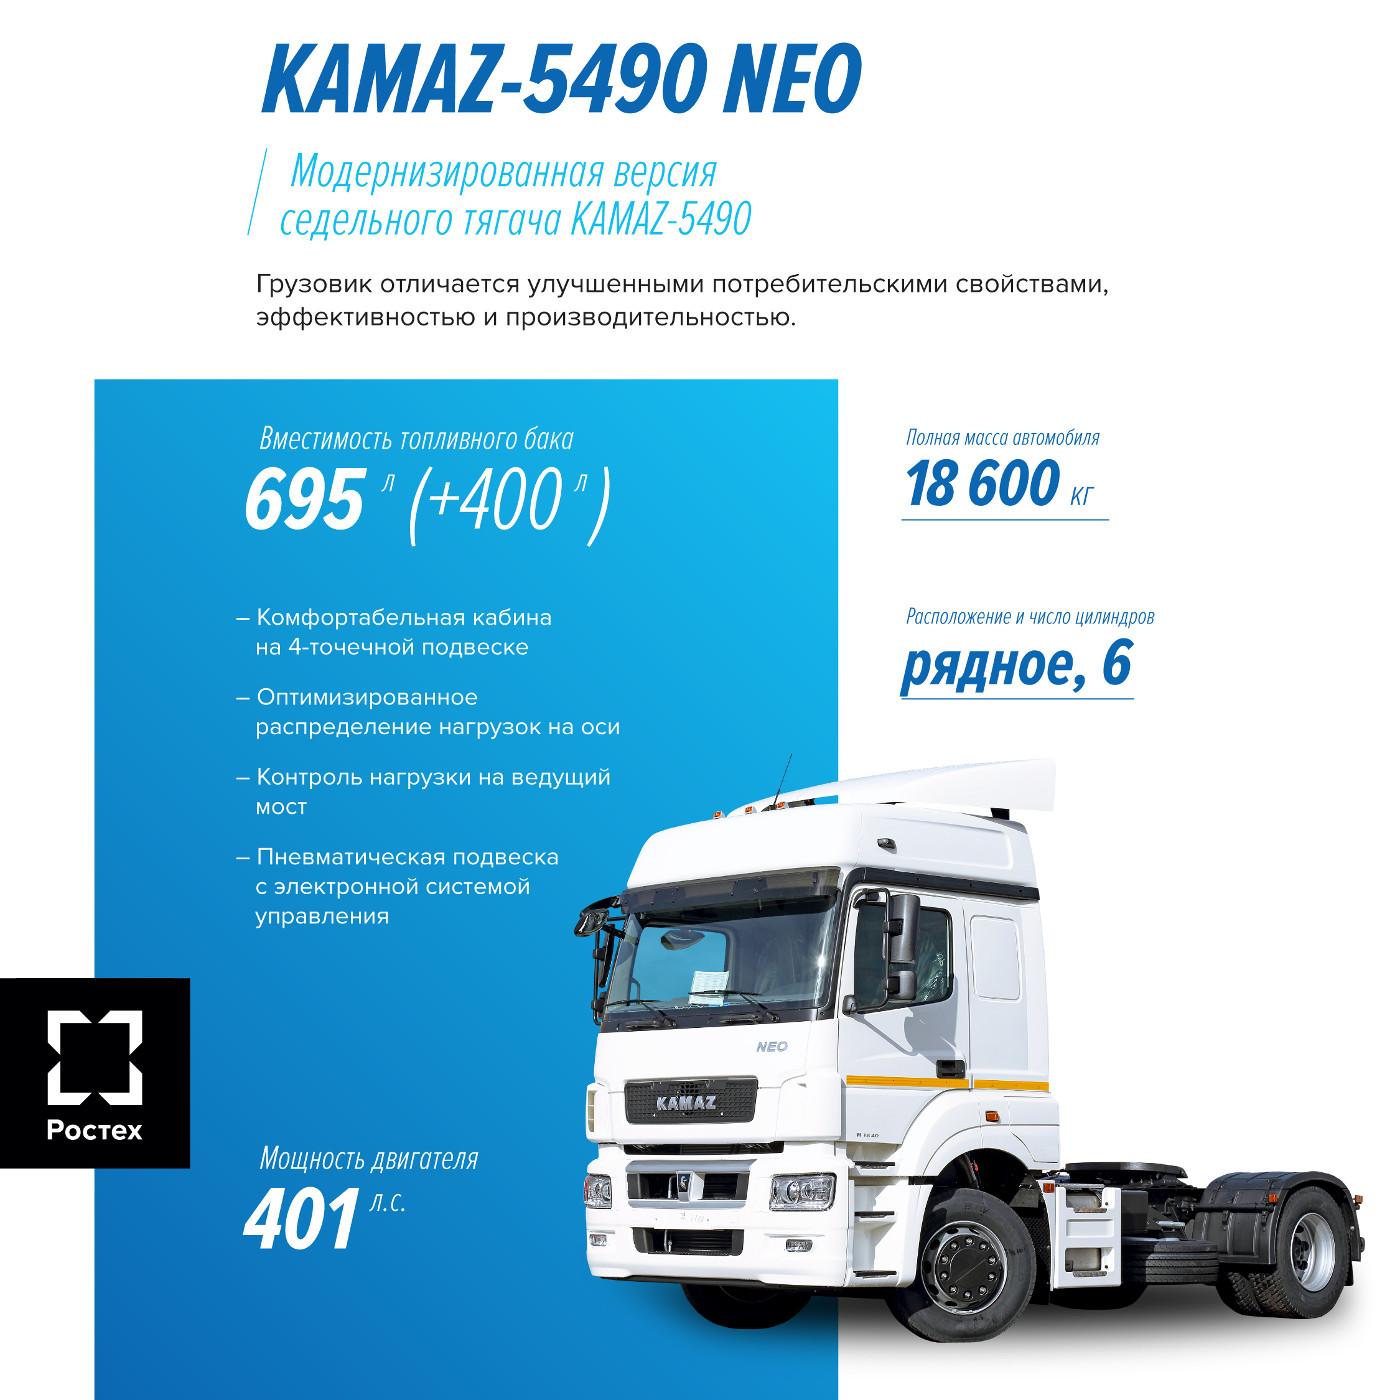 КАМАЗ NEO (цена и качество)